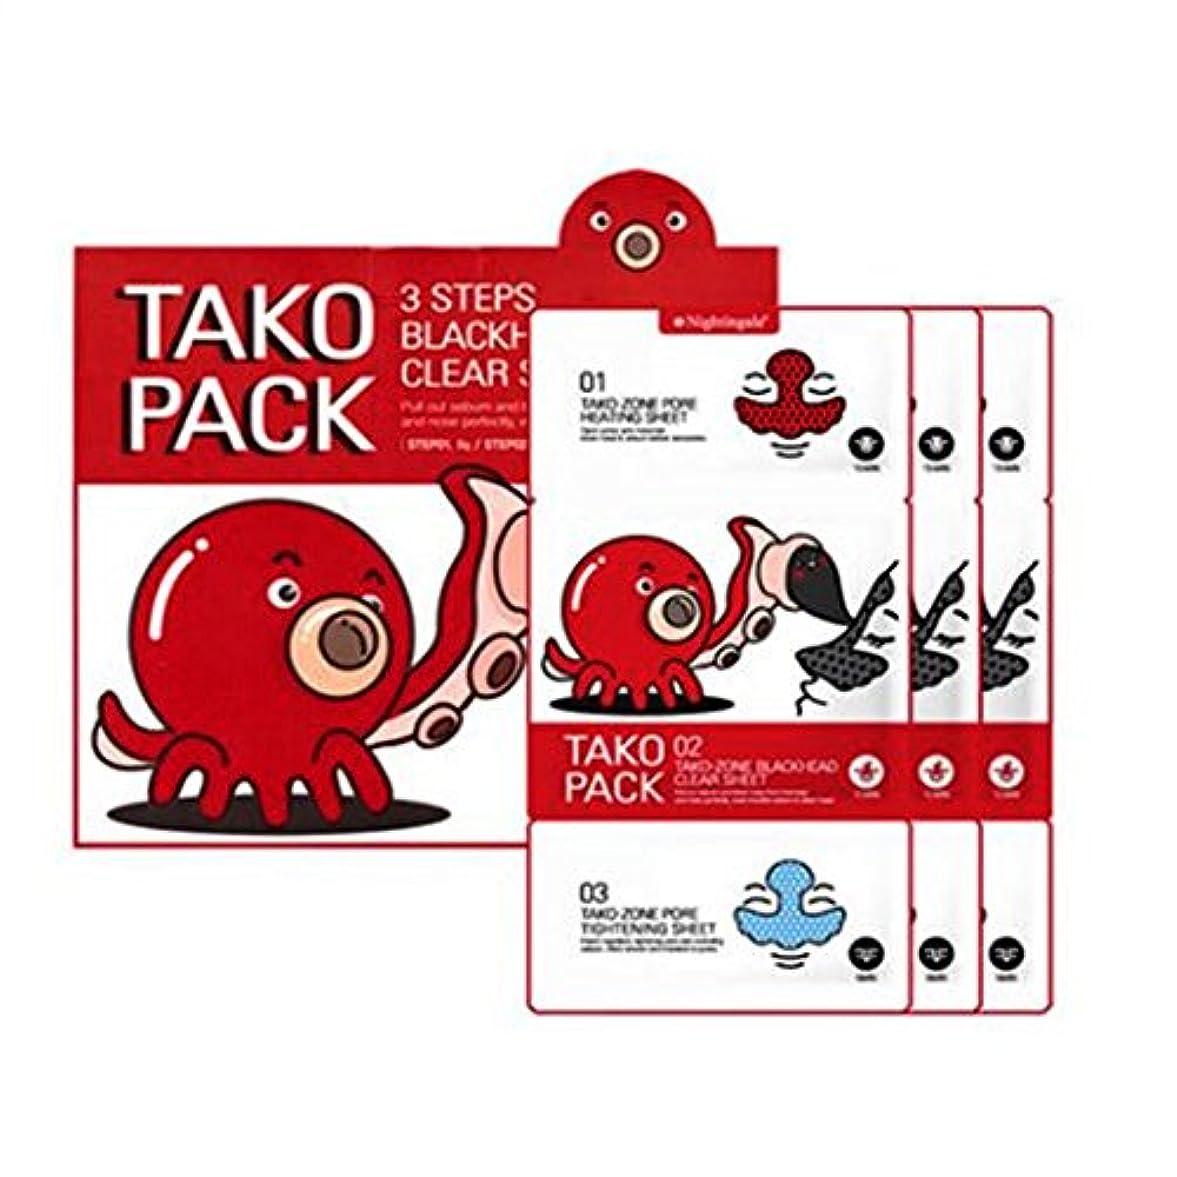 本者告白するNightingale 3Step Tako Pack 3EA/ナイチンゲール 3ステップ タコ パック [タコ吸着パック] 3回分 [並行輸入品]